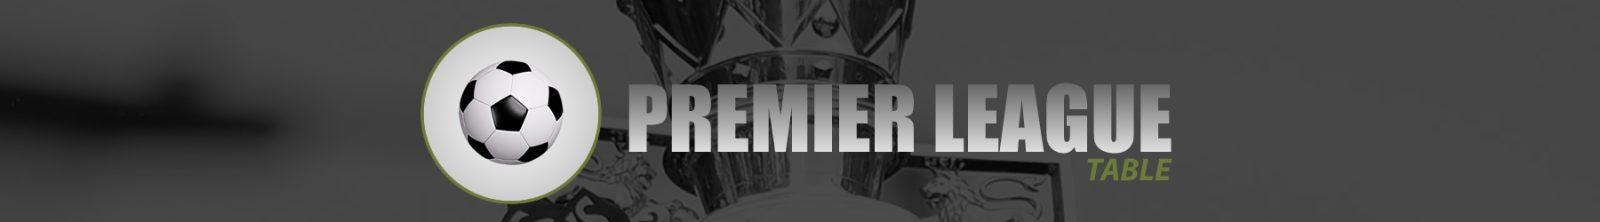 Premier League Table